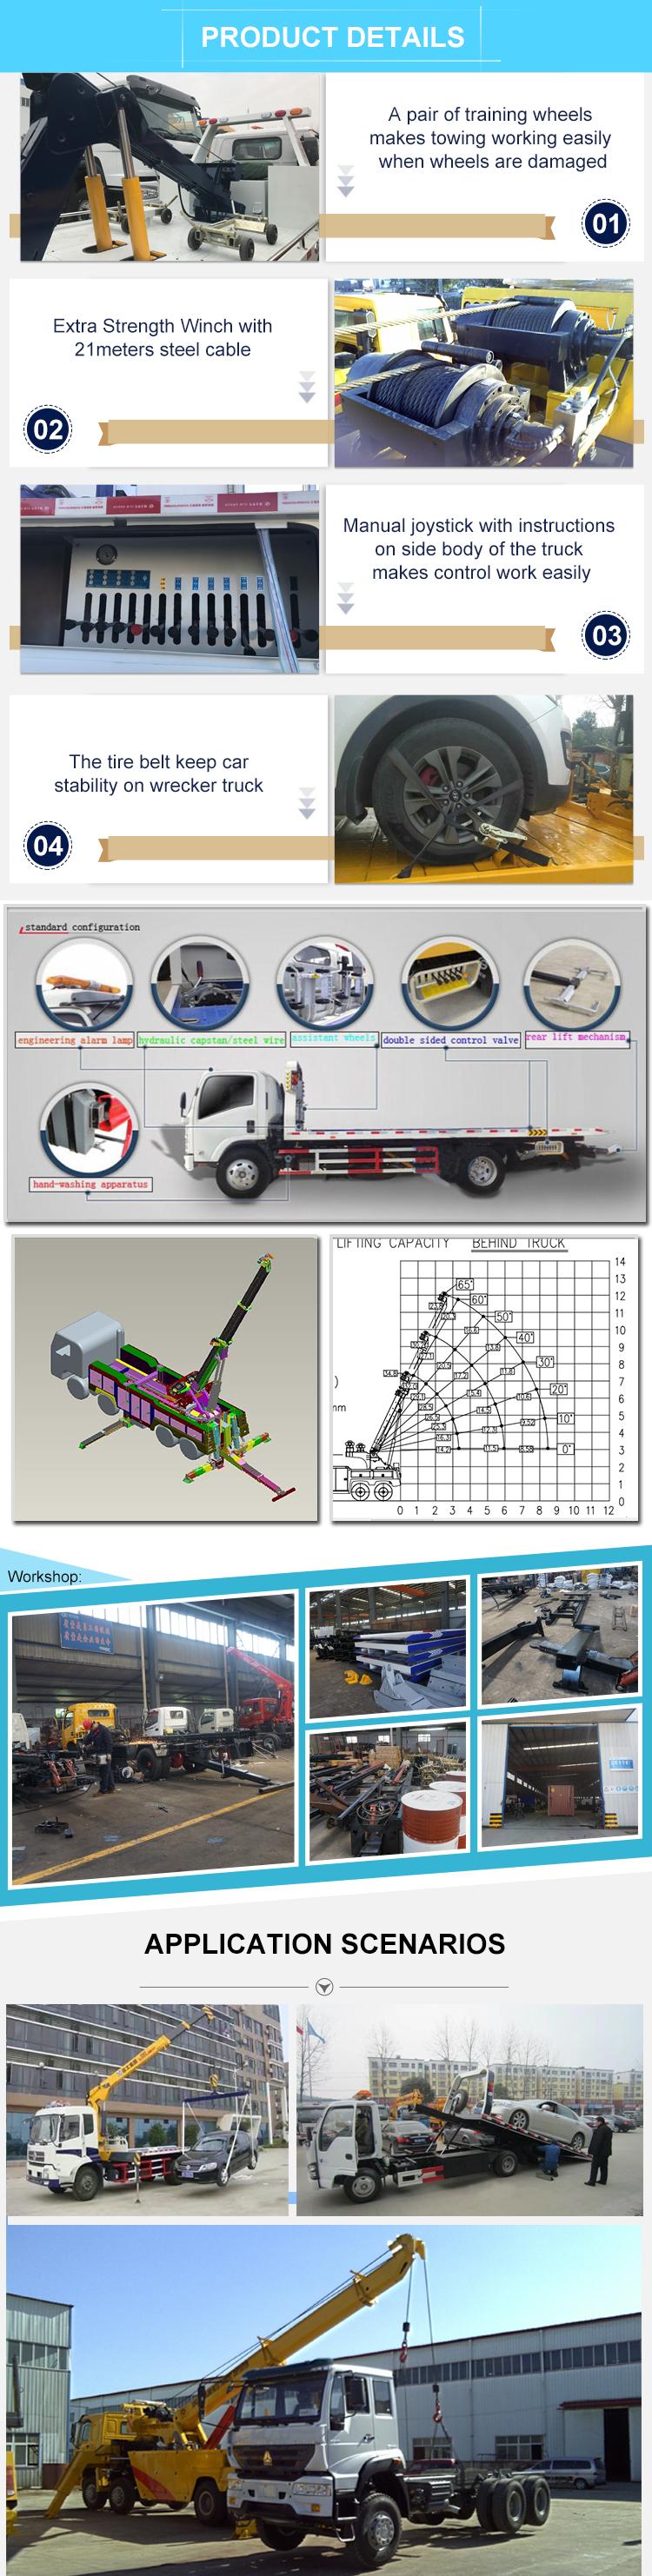 清障车产品细节图.jpg